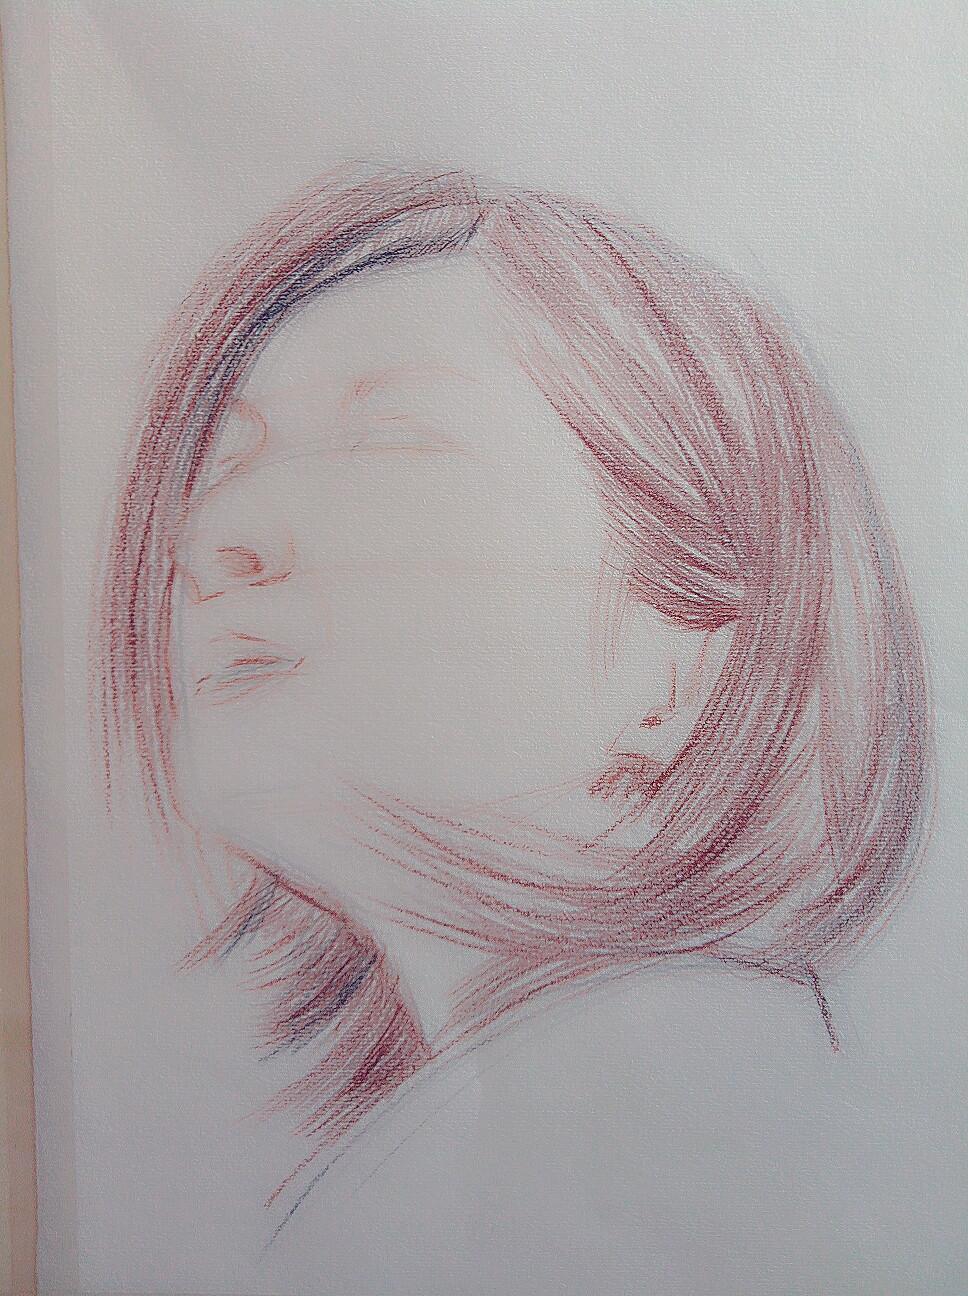 手绘彩铅画|纯艺术|彩铅|冈日森各 - 原创作品 - 站酷